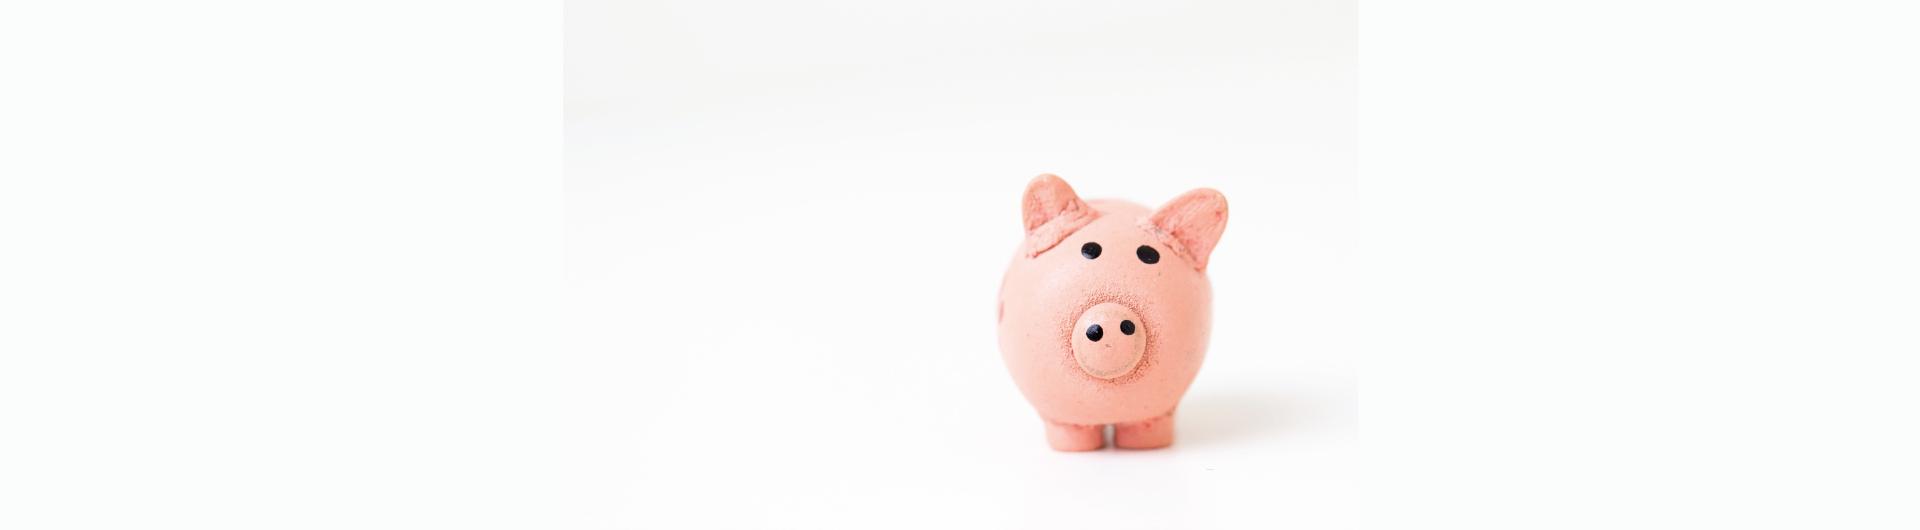 Qu'en est-il du crowdfunding?